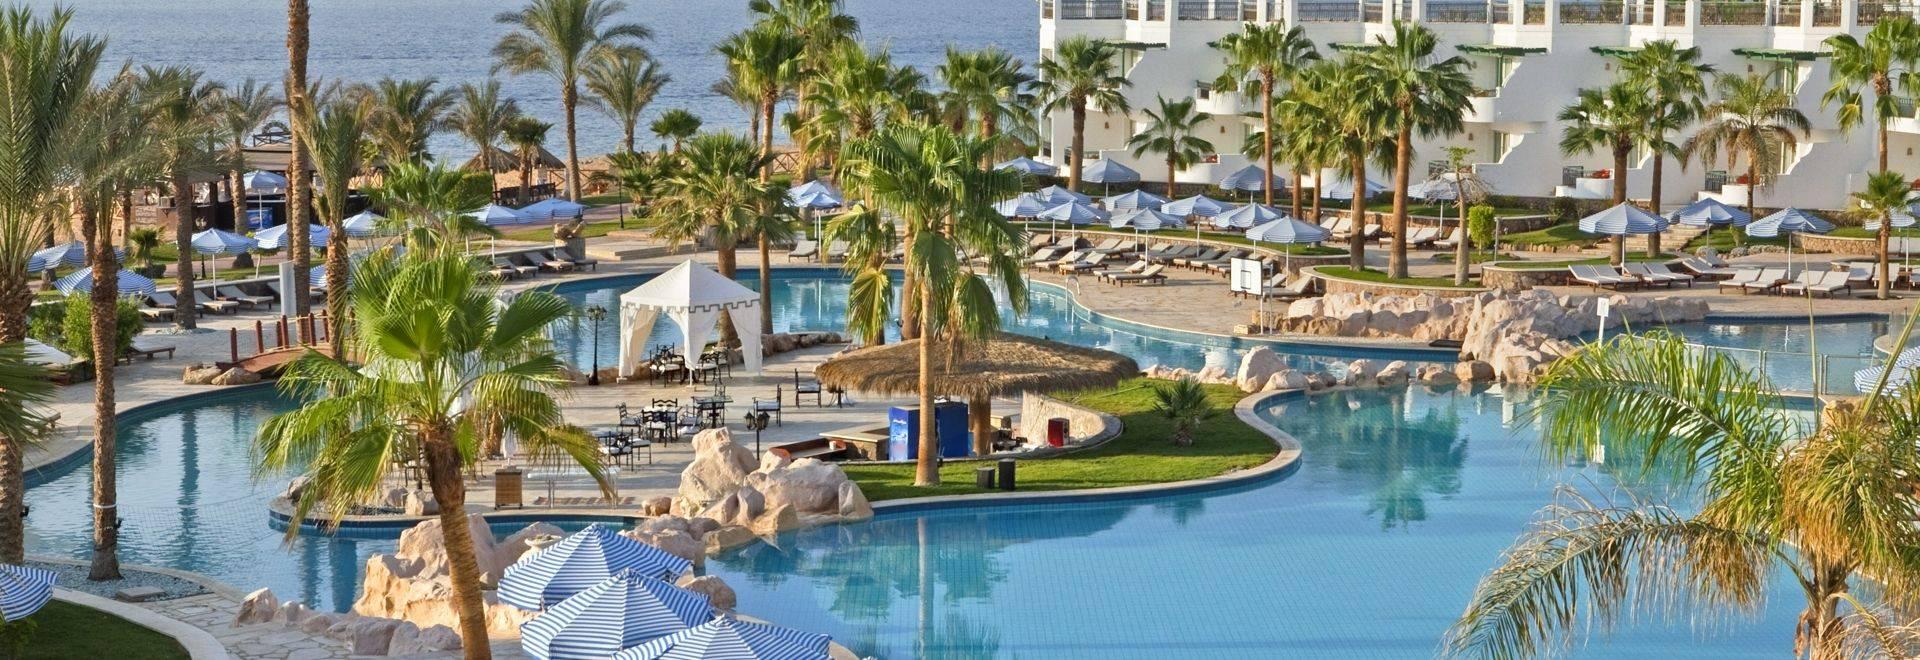 Sharm_Pool_HR.jpg